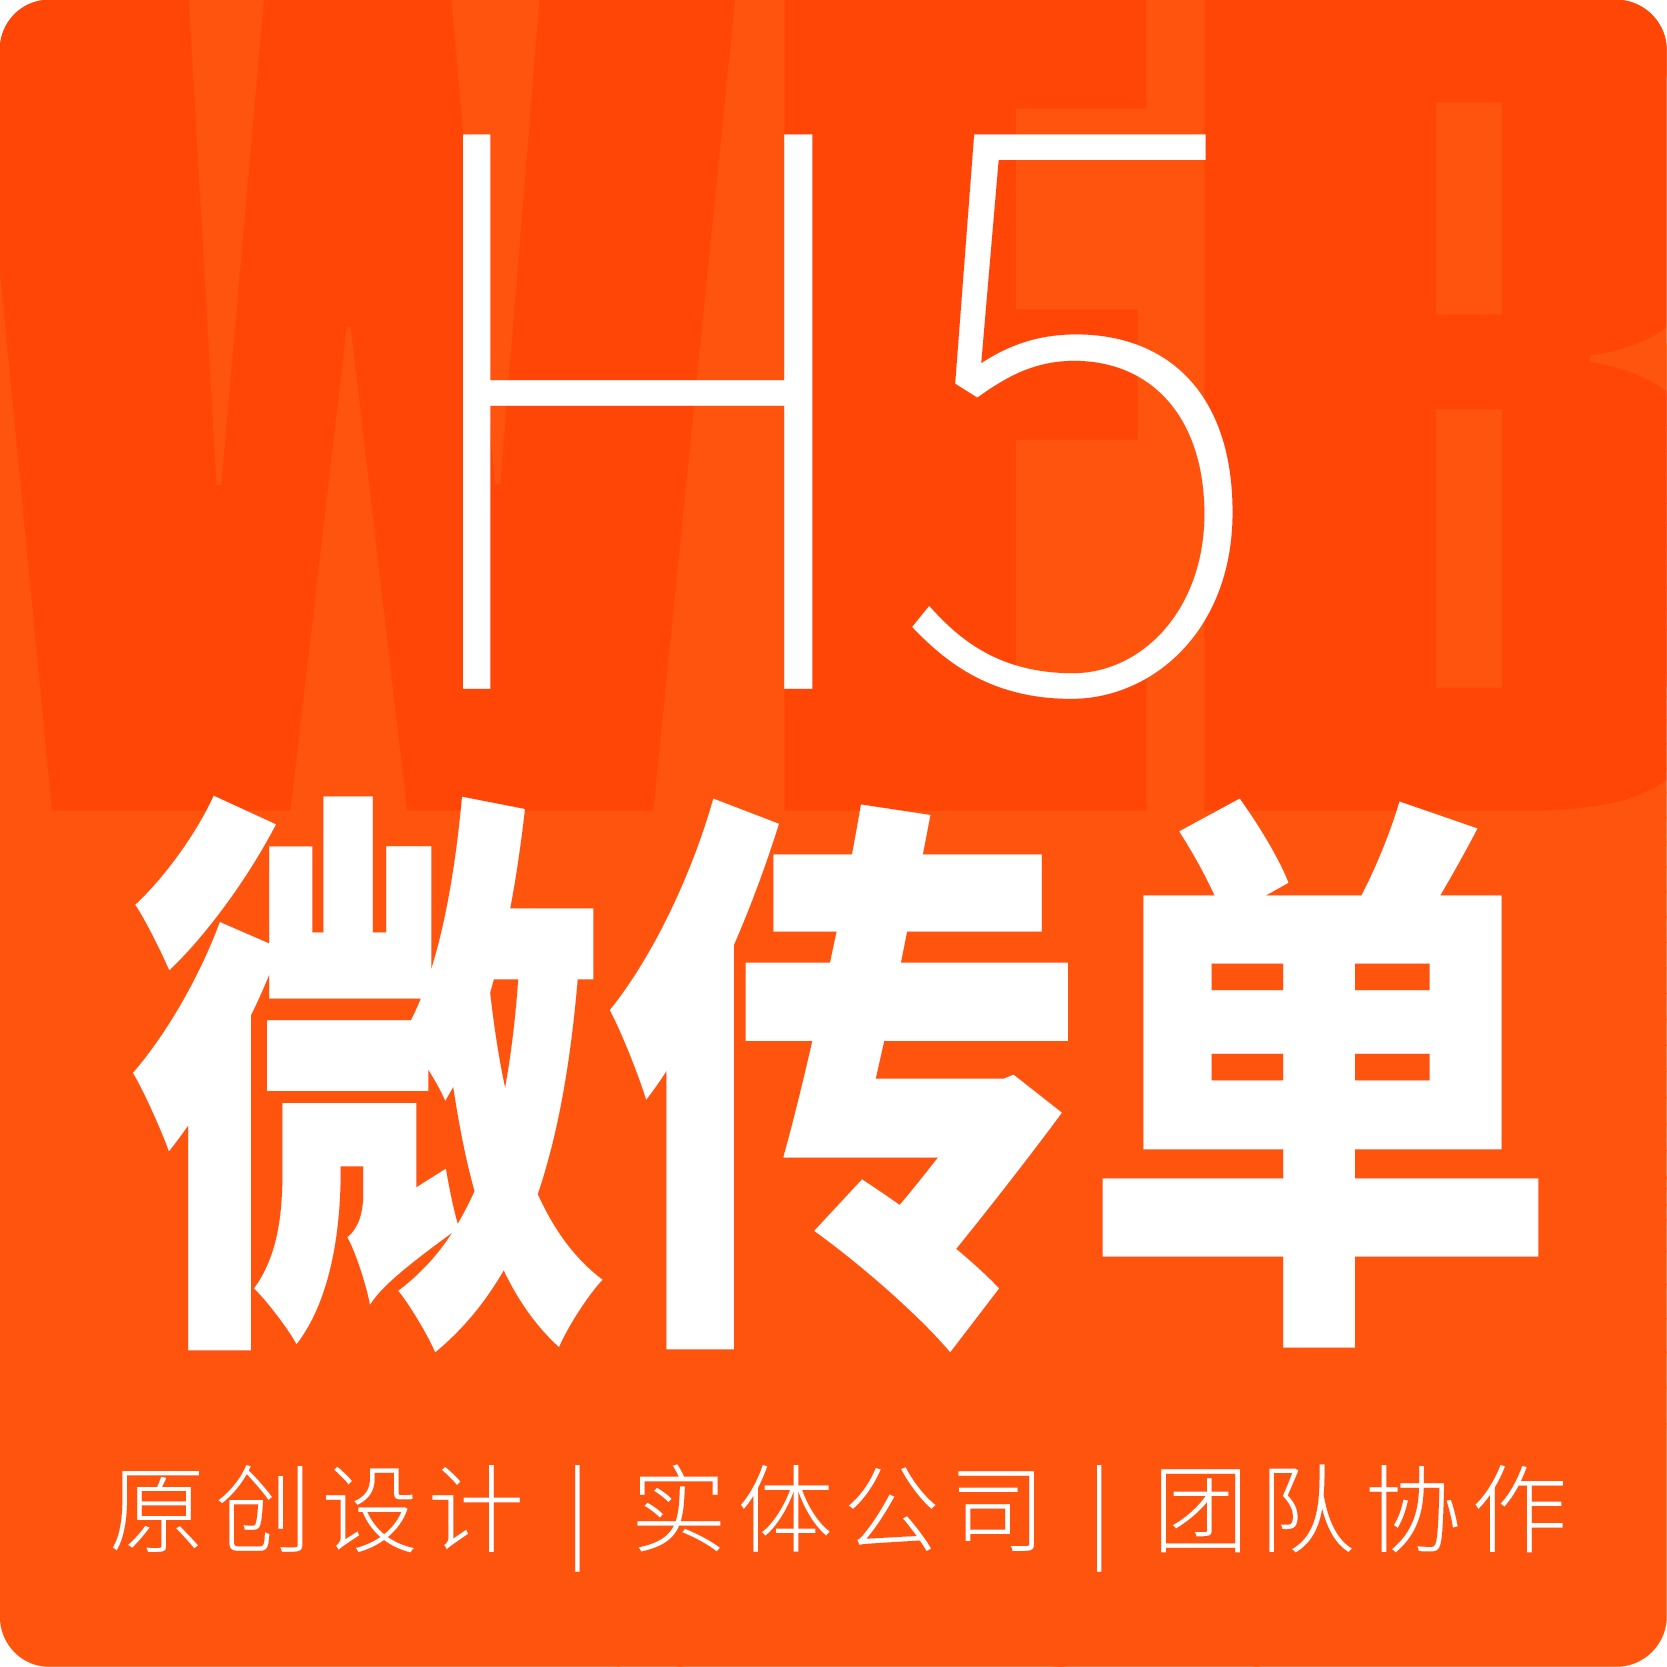 微信动态H5微传单HTML5页面易企秀兔展模板营销传播可原创